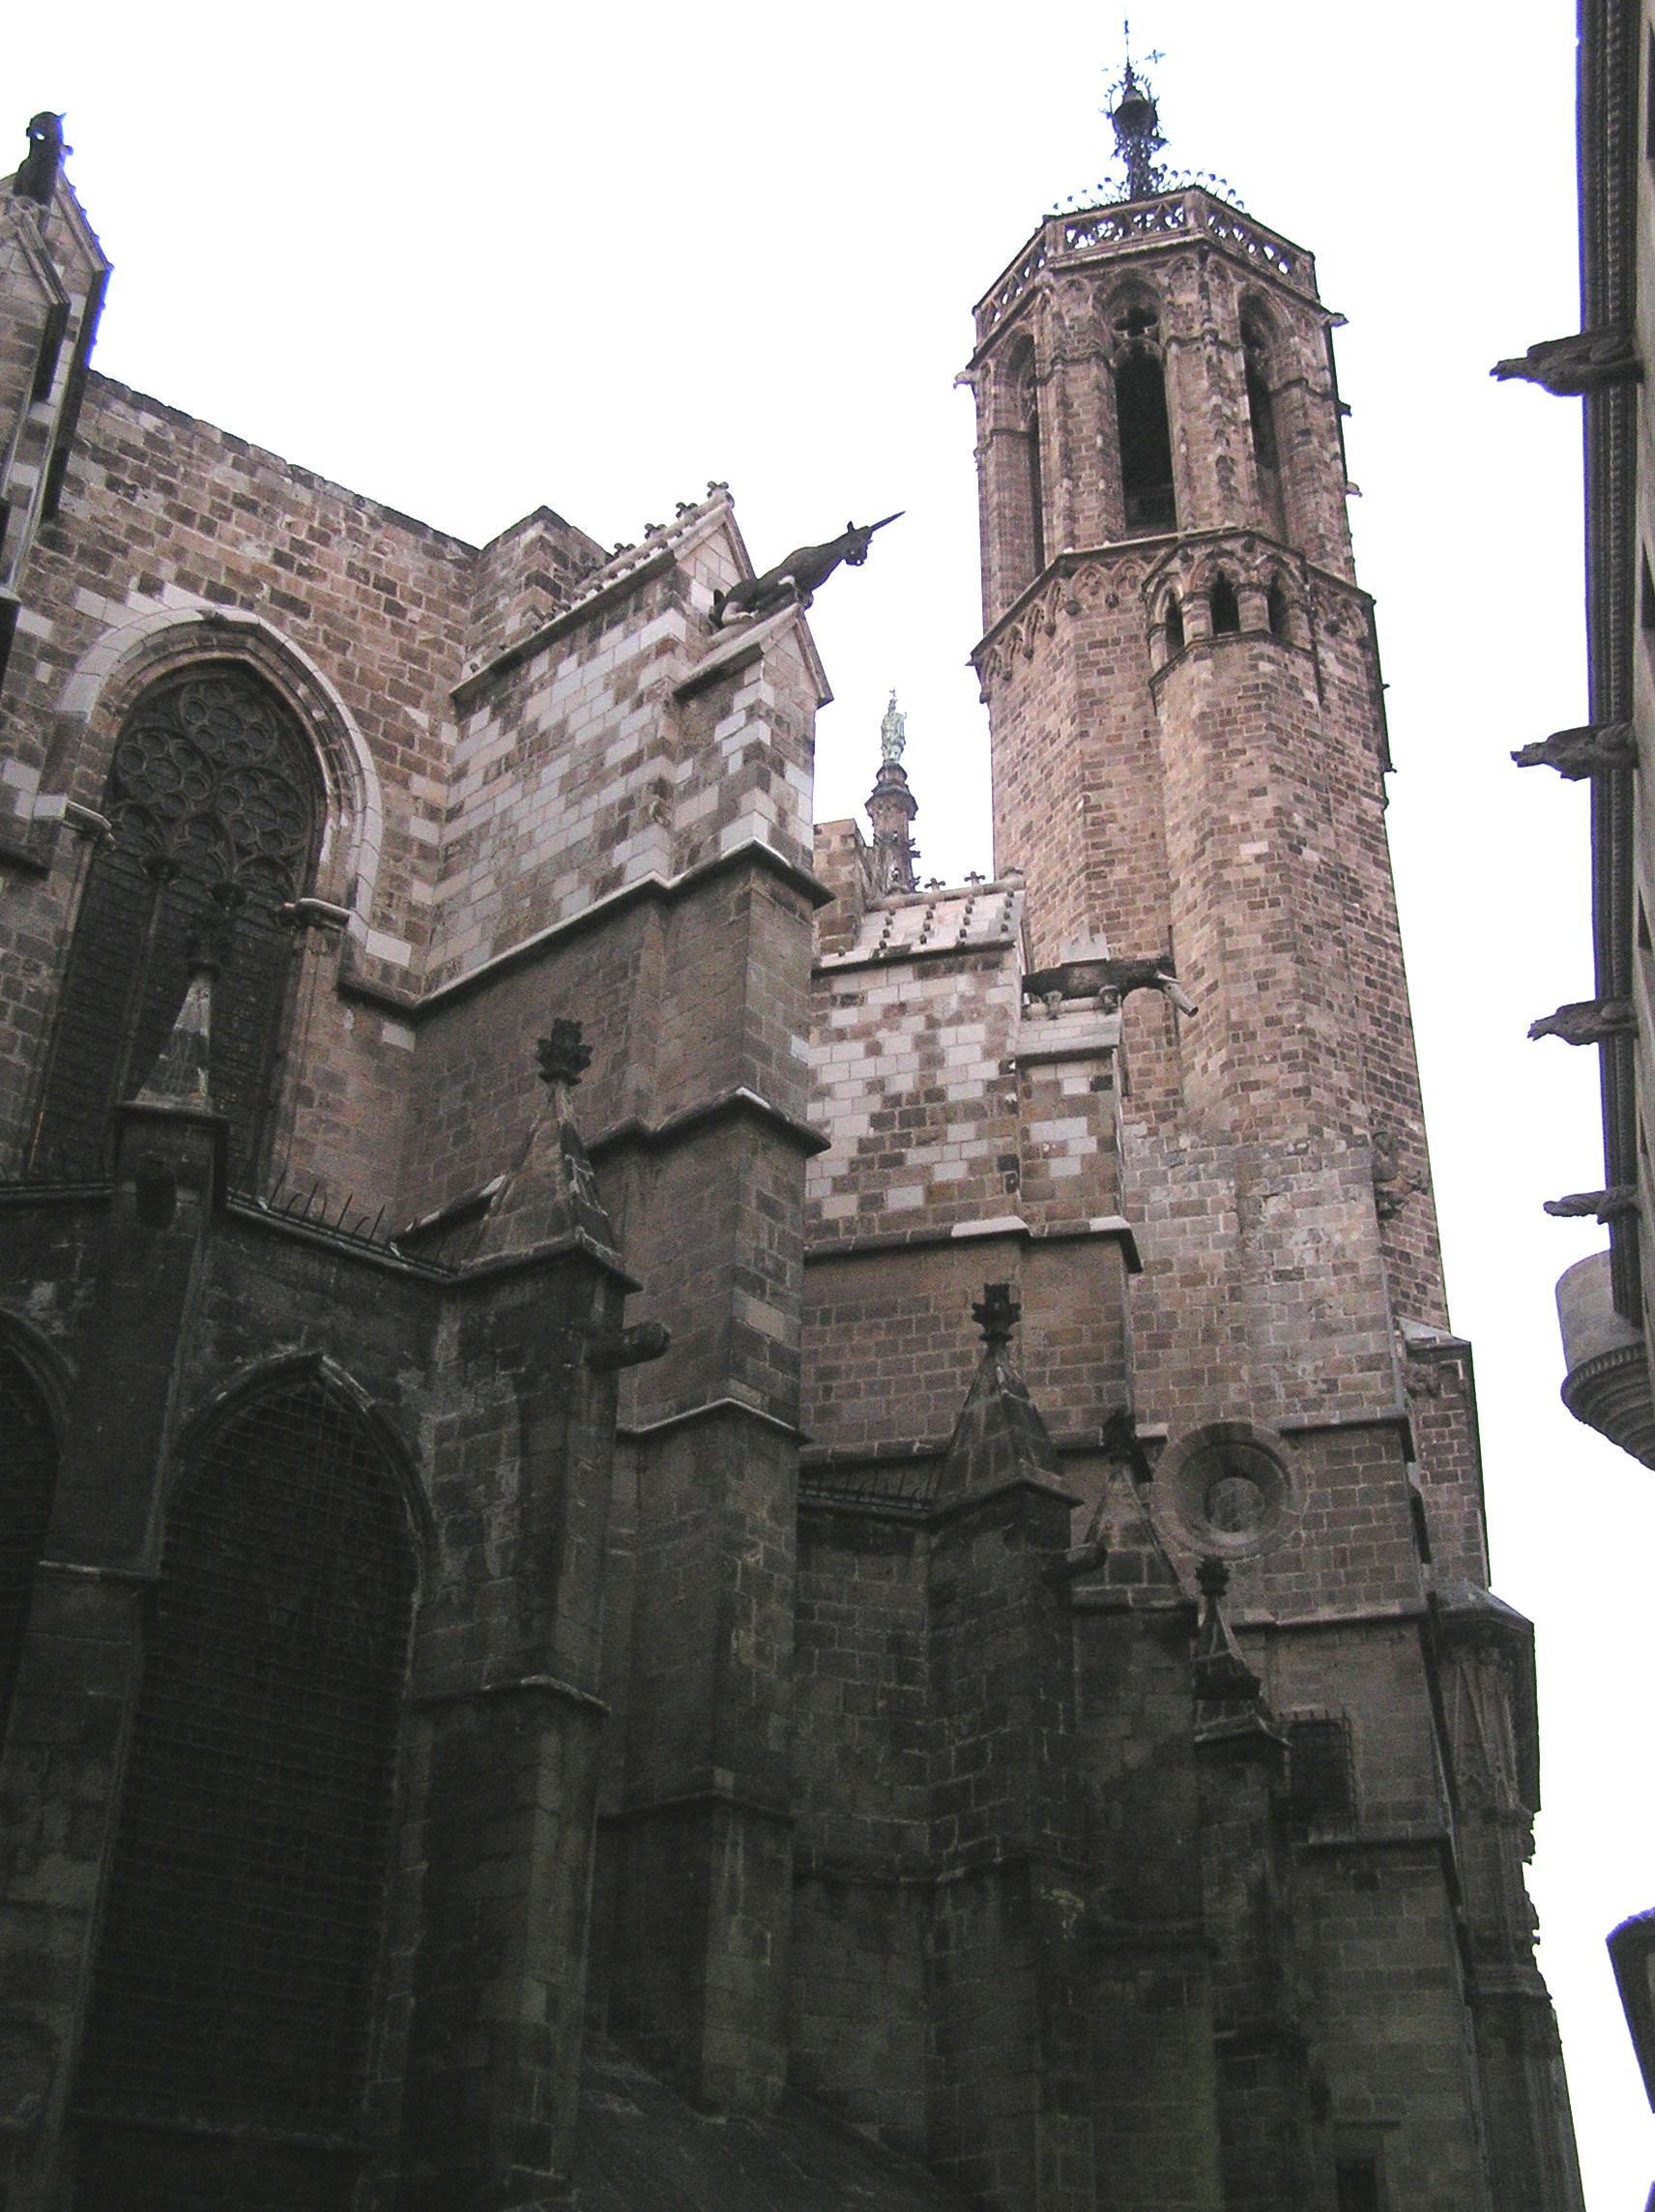 Španělsko, Barcelona, katedrála sv. Eulalie a sv. Kříže